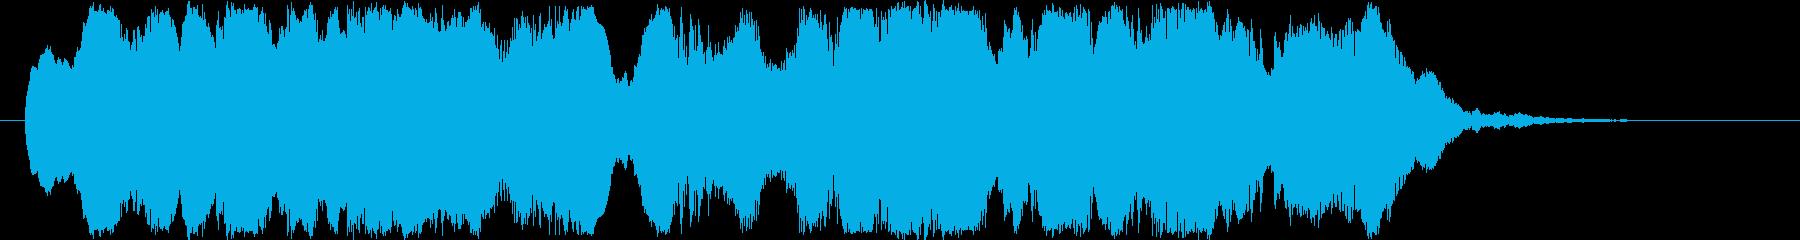 シリアスなシーンの始まりに合うBGMの再生済みの波形